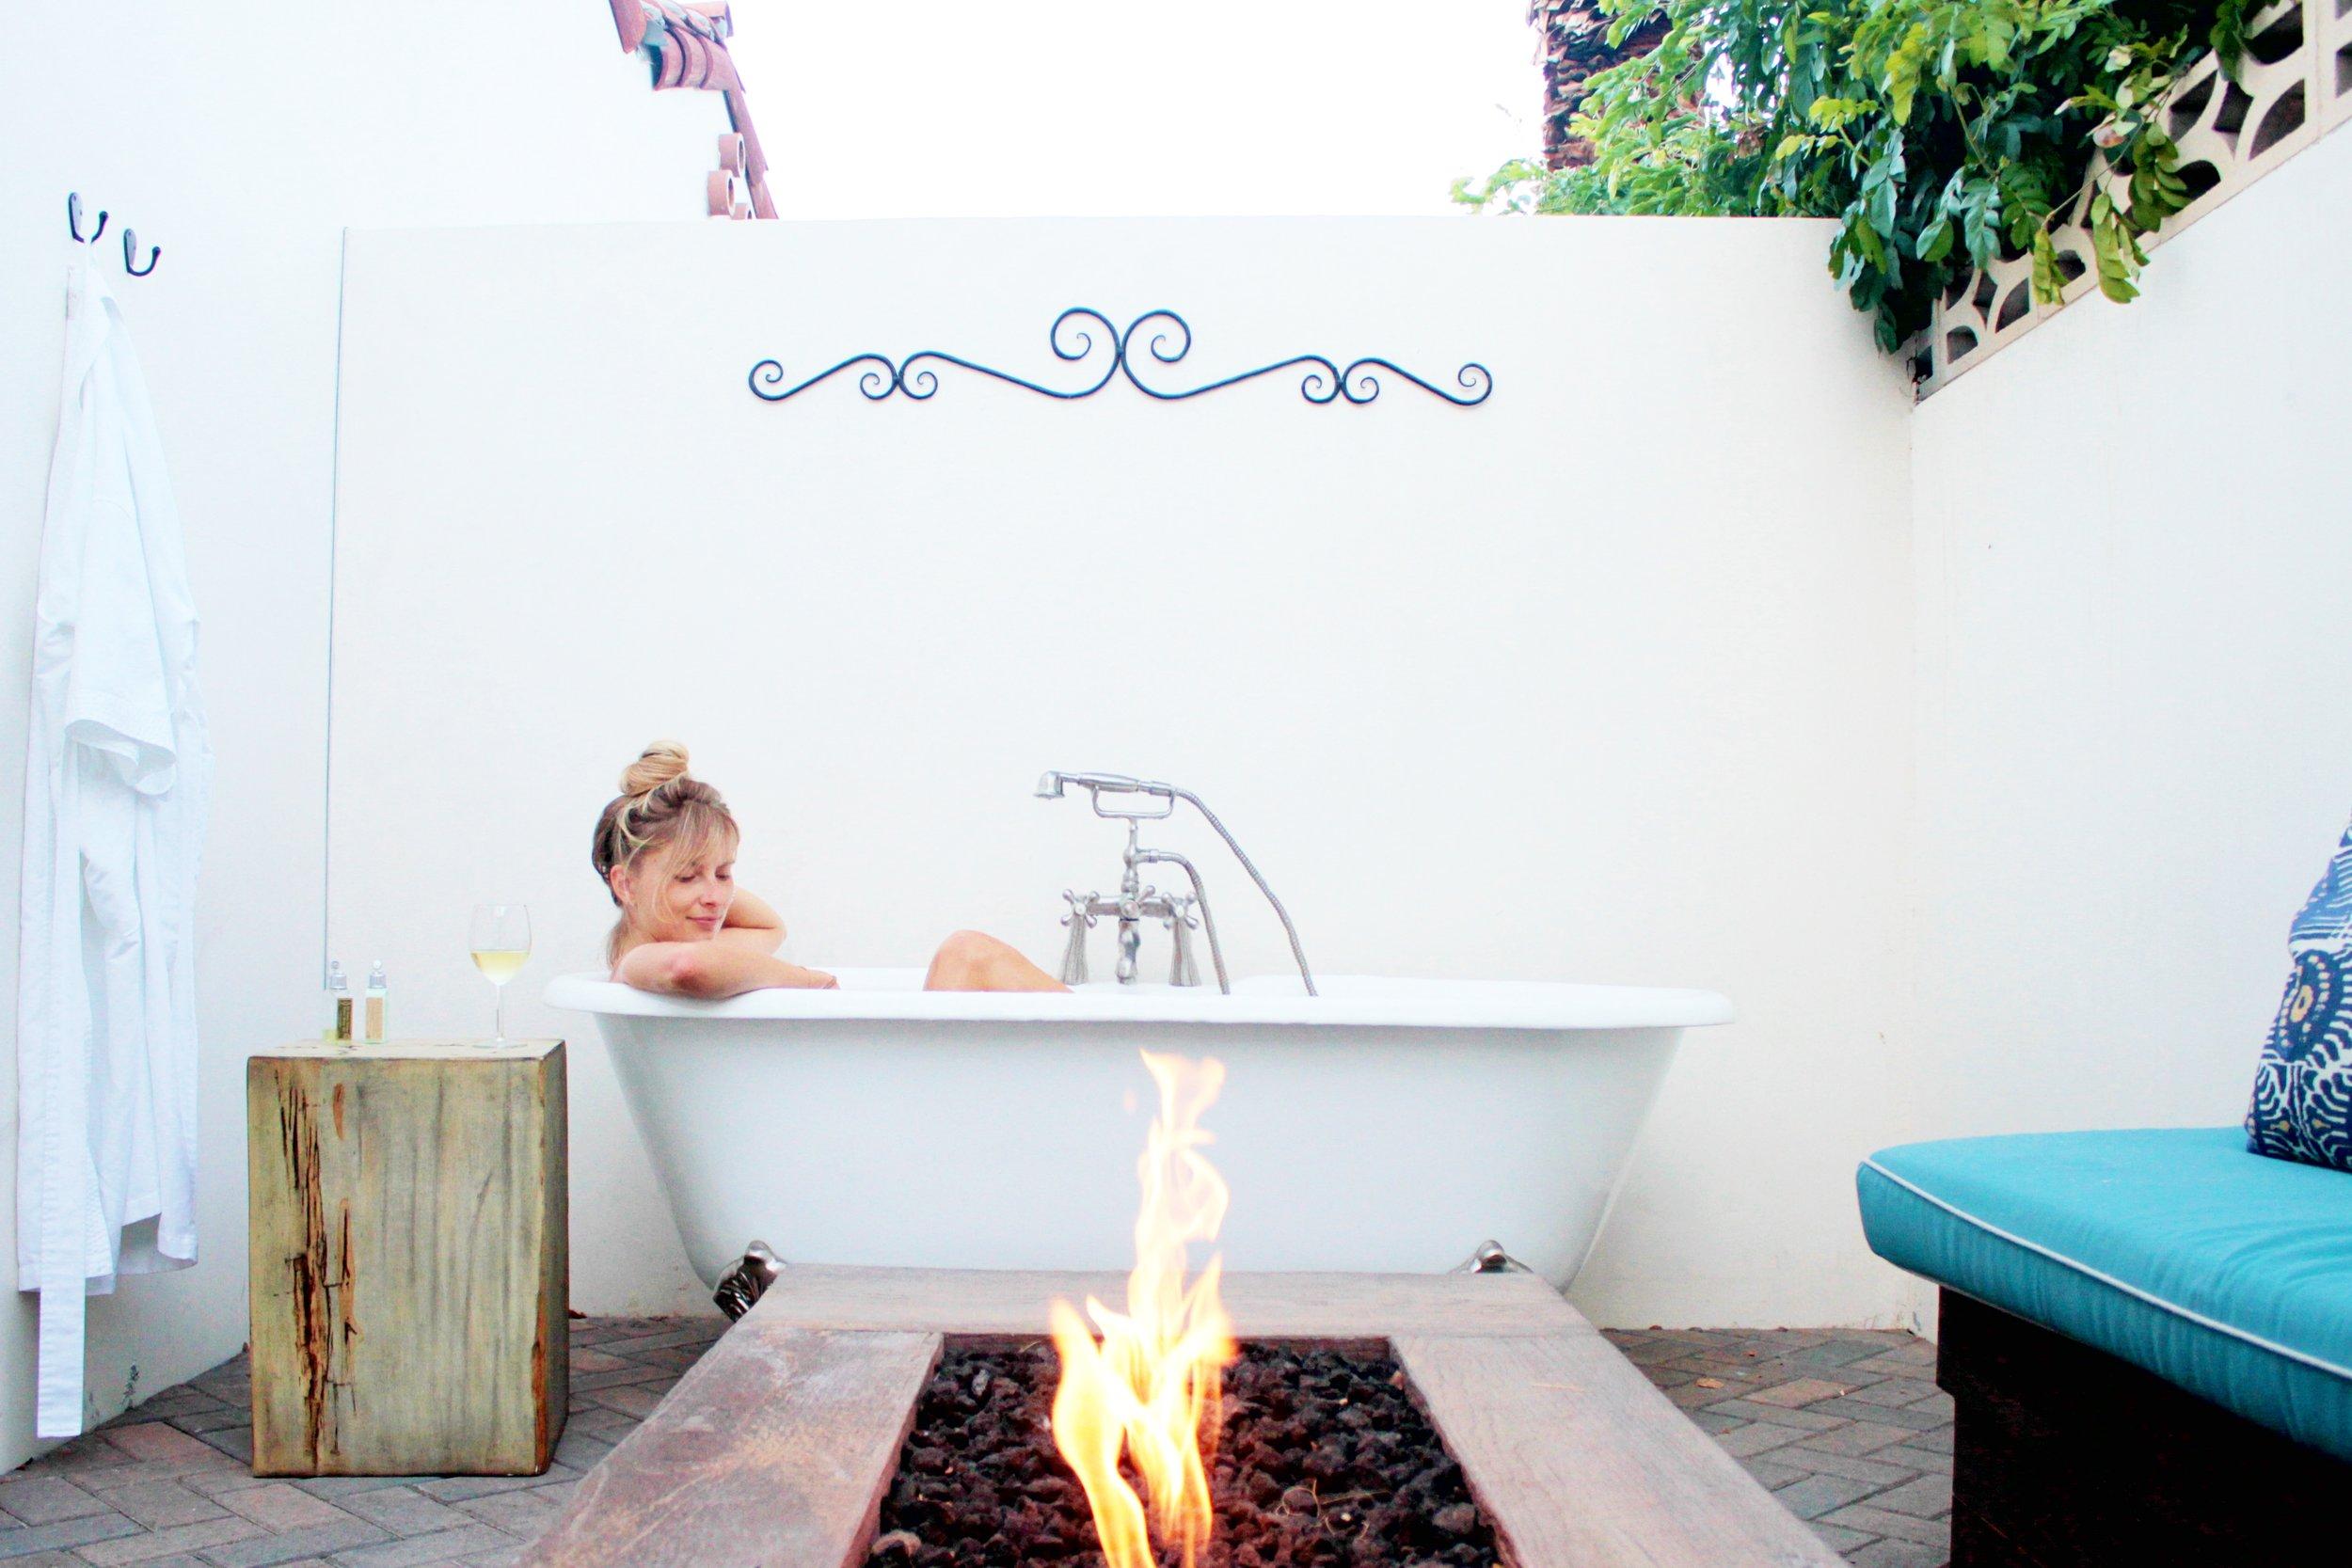 La Serena's private outdoor tub and fire pit